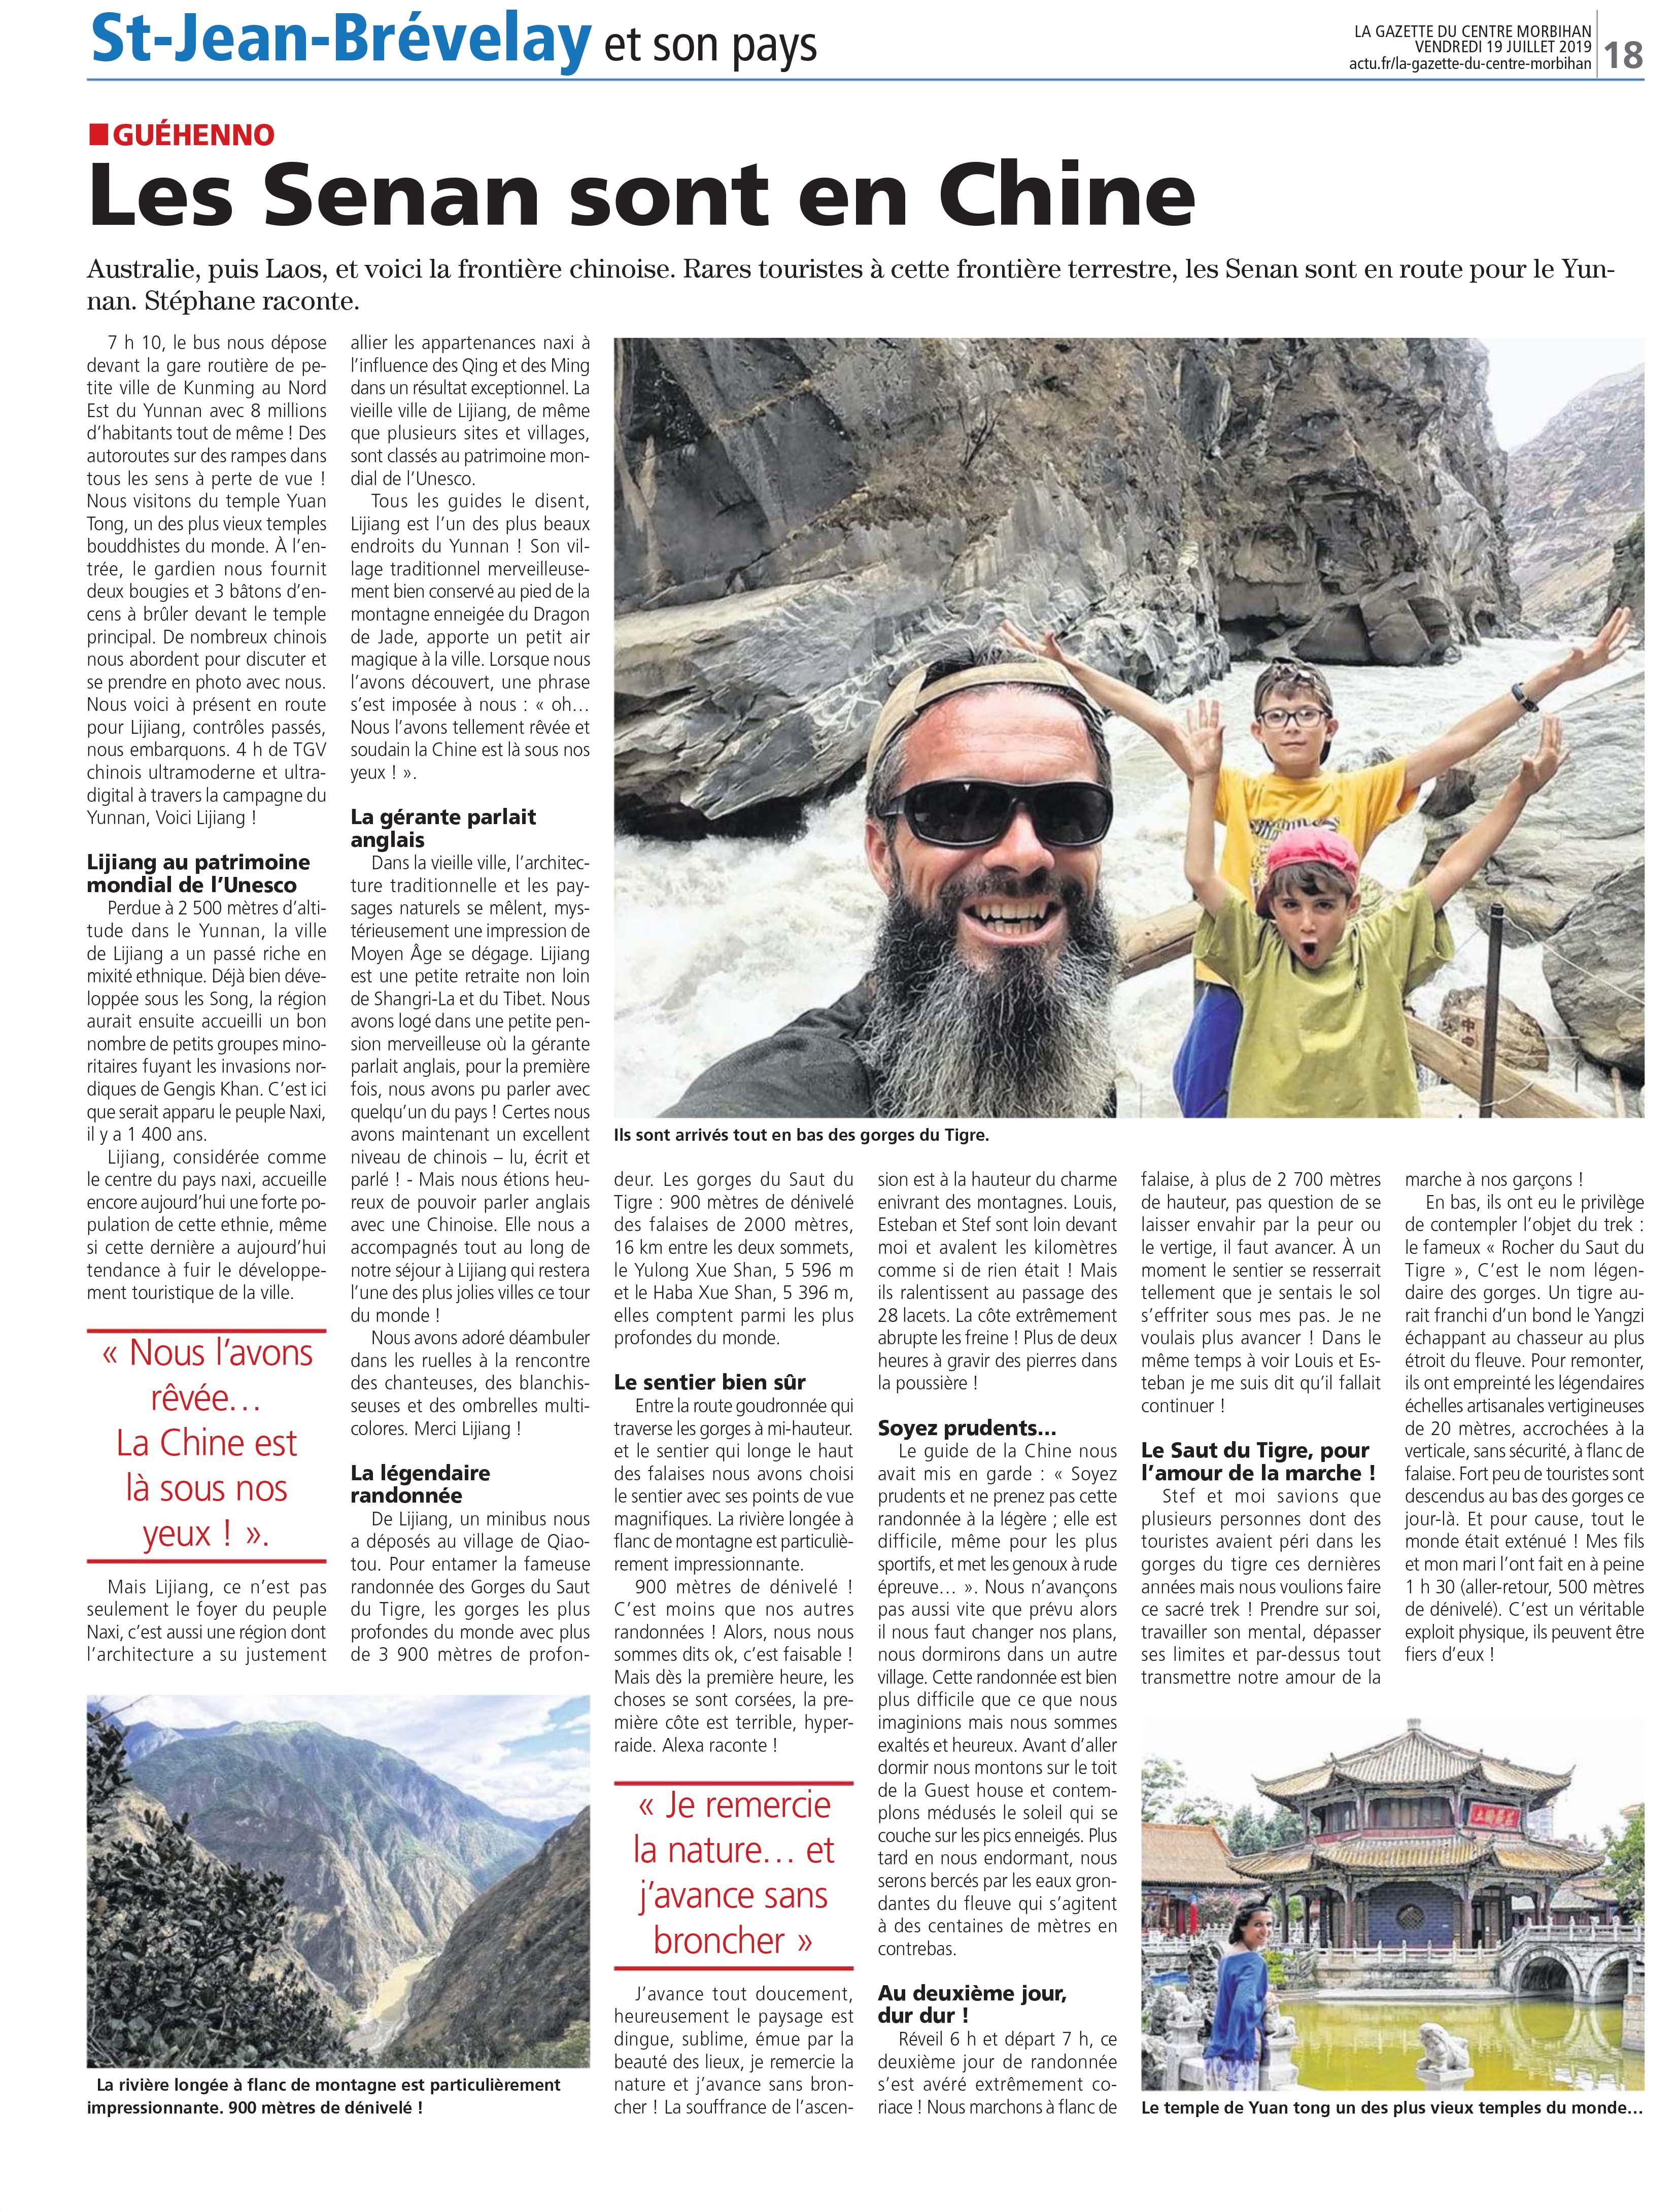 La Gazette Centre Morbihan : le rendez-vous mensuel des aventures de la Permaculture Family – la CHINE